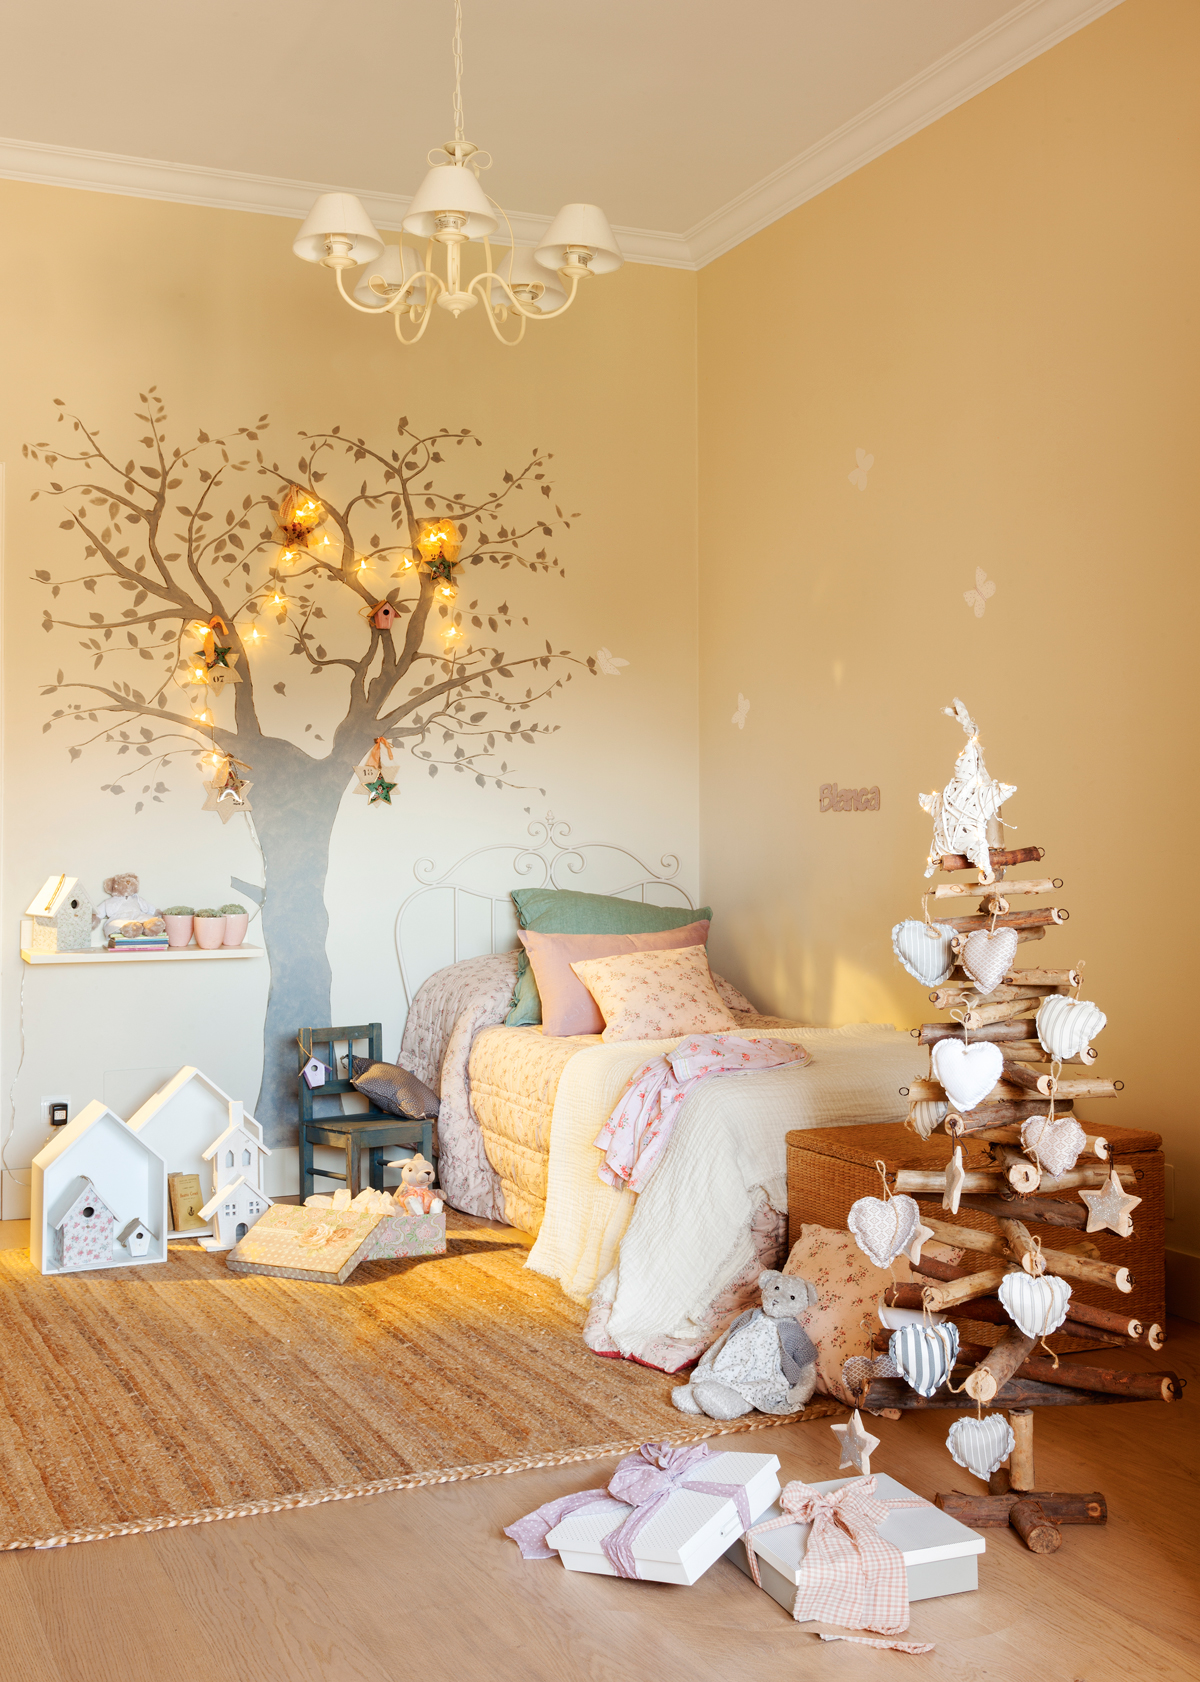 Adornos De Navidad Para Decorar La Habitaci N Infantil